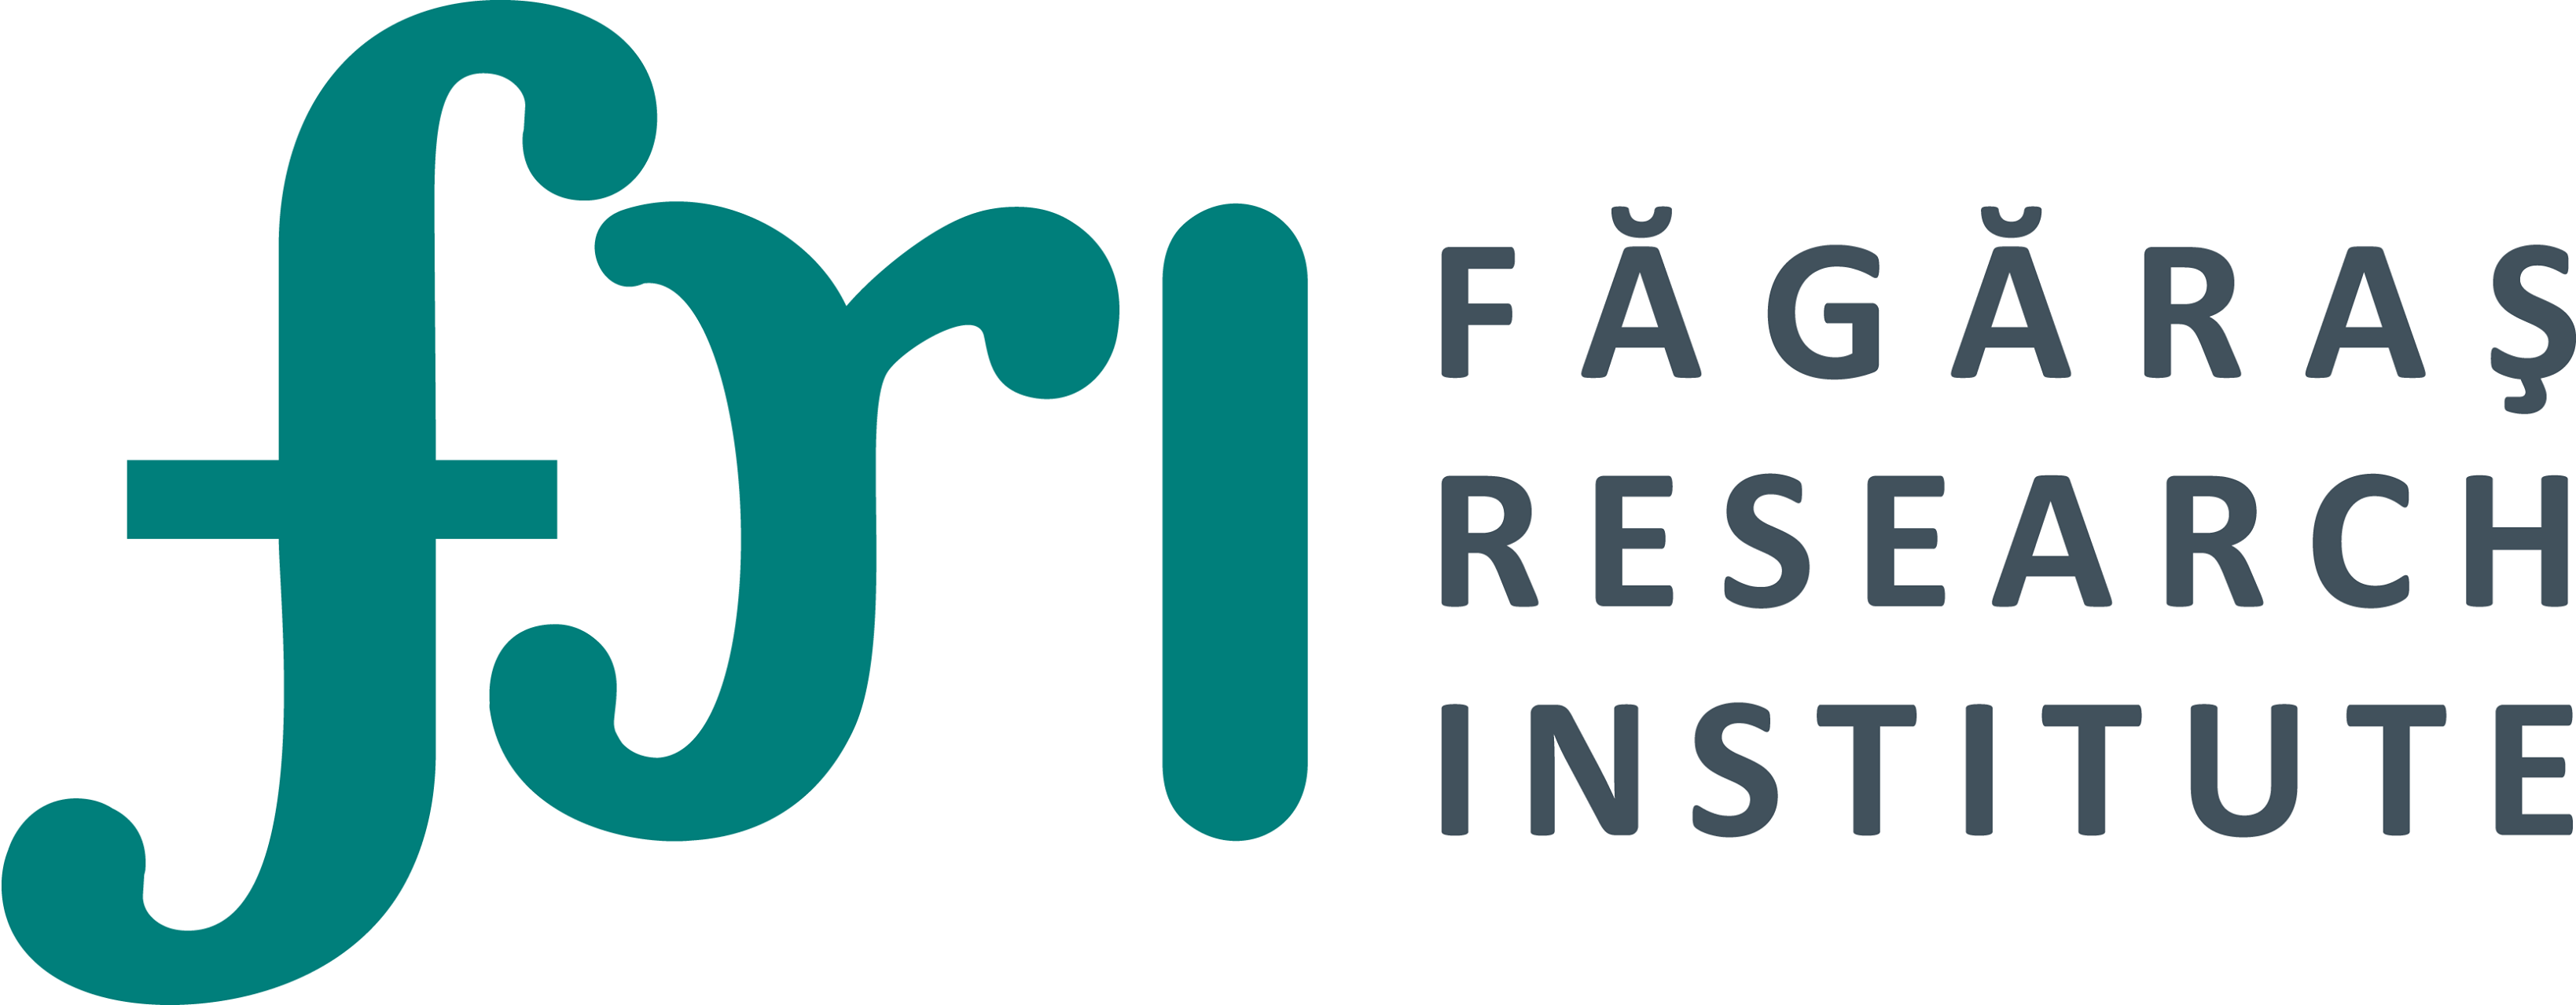 Institutul de Cercetare Făgăraș: Lansarea Raportului Învățământul universitar din România în contextul pandemiei COVID-19: Experiențele studenților